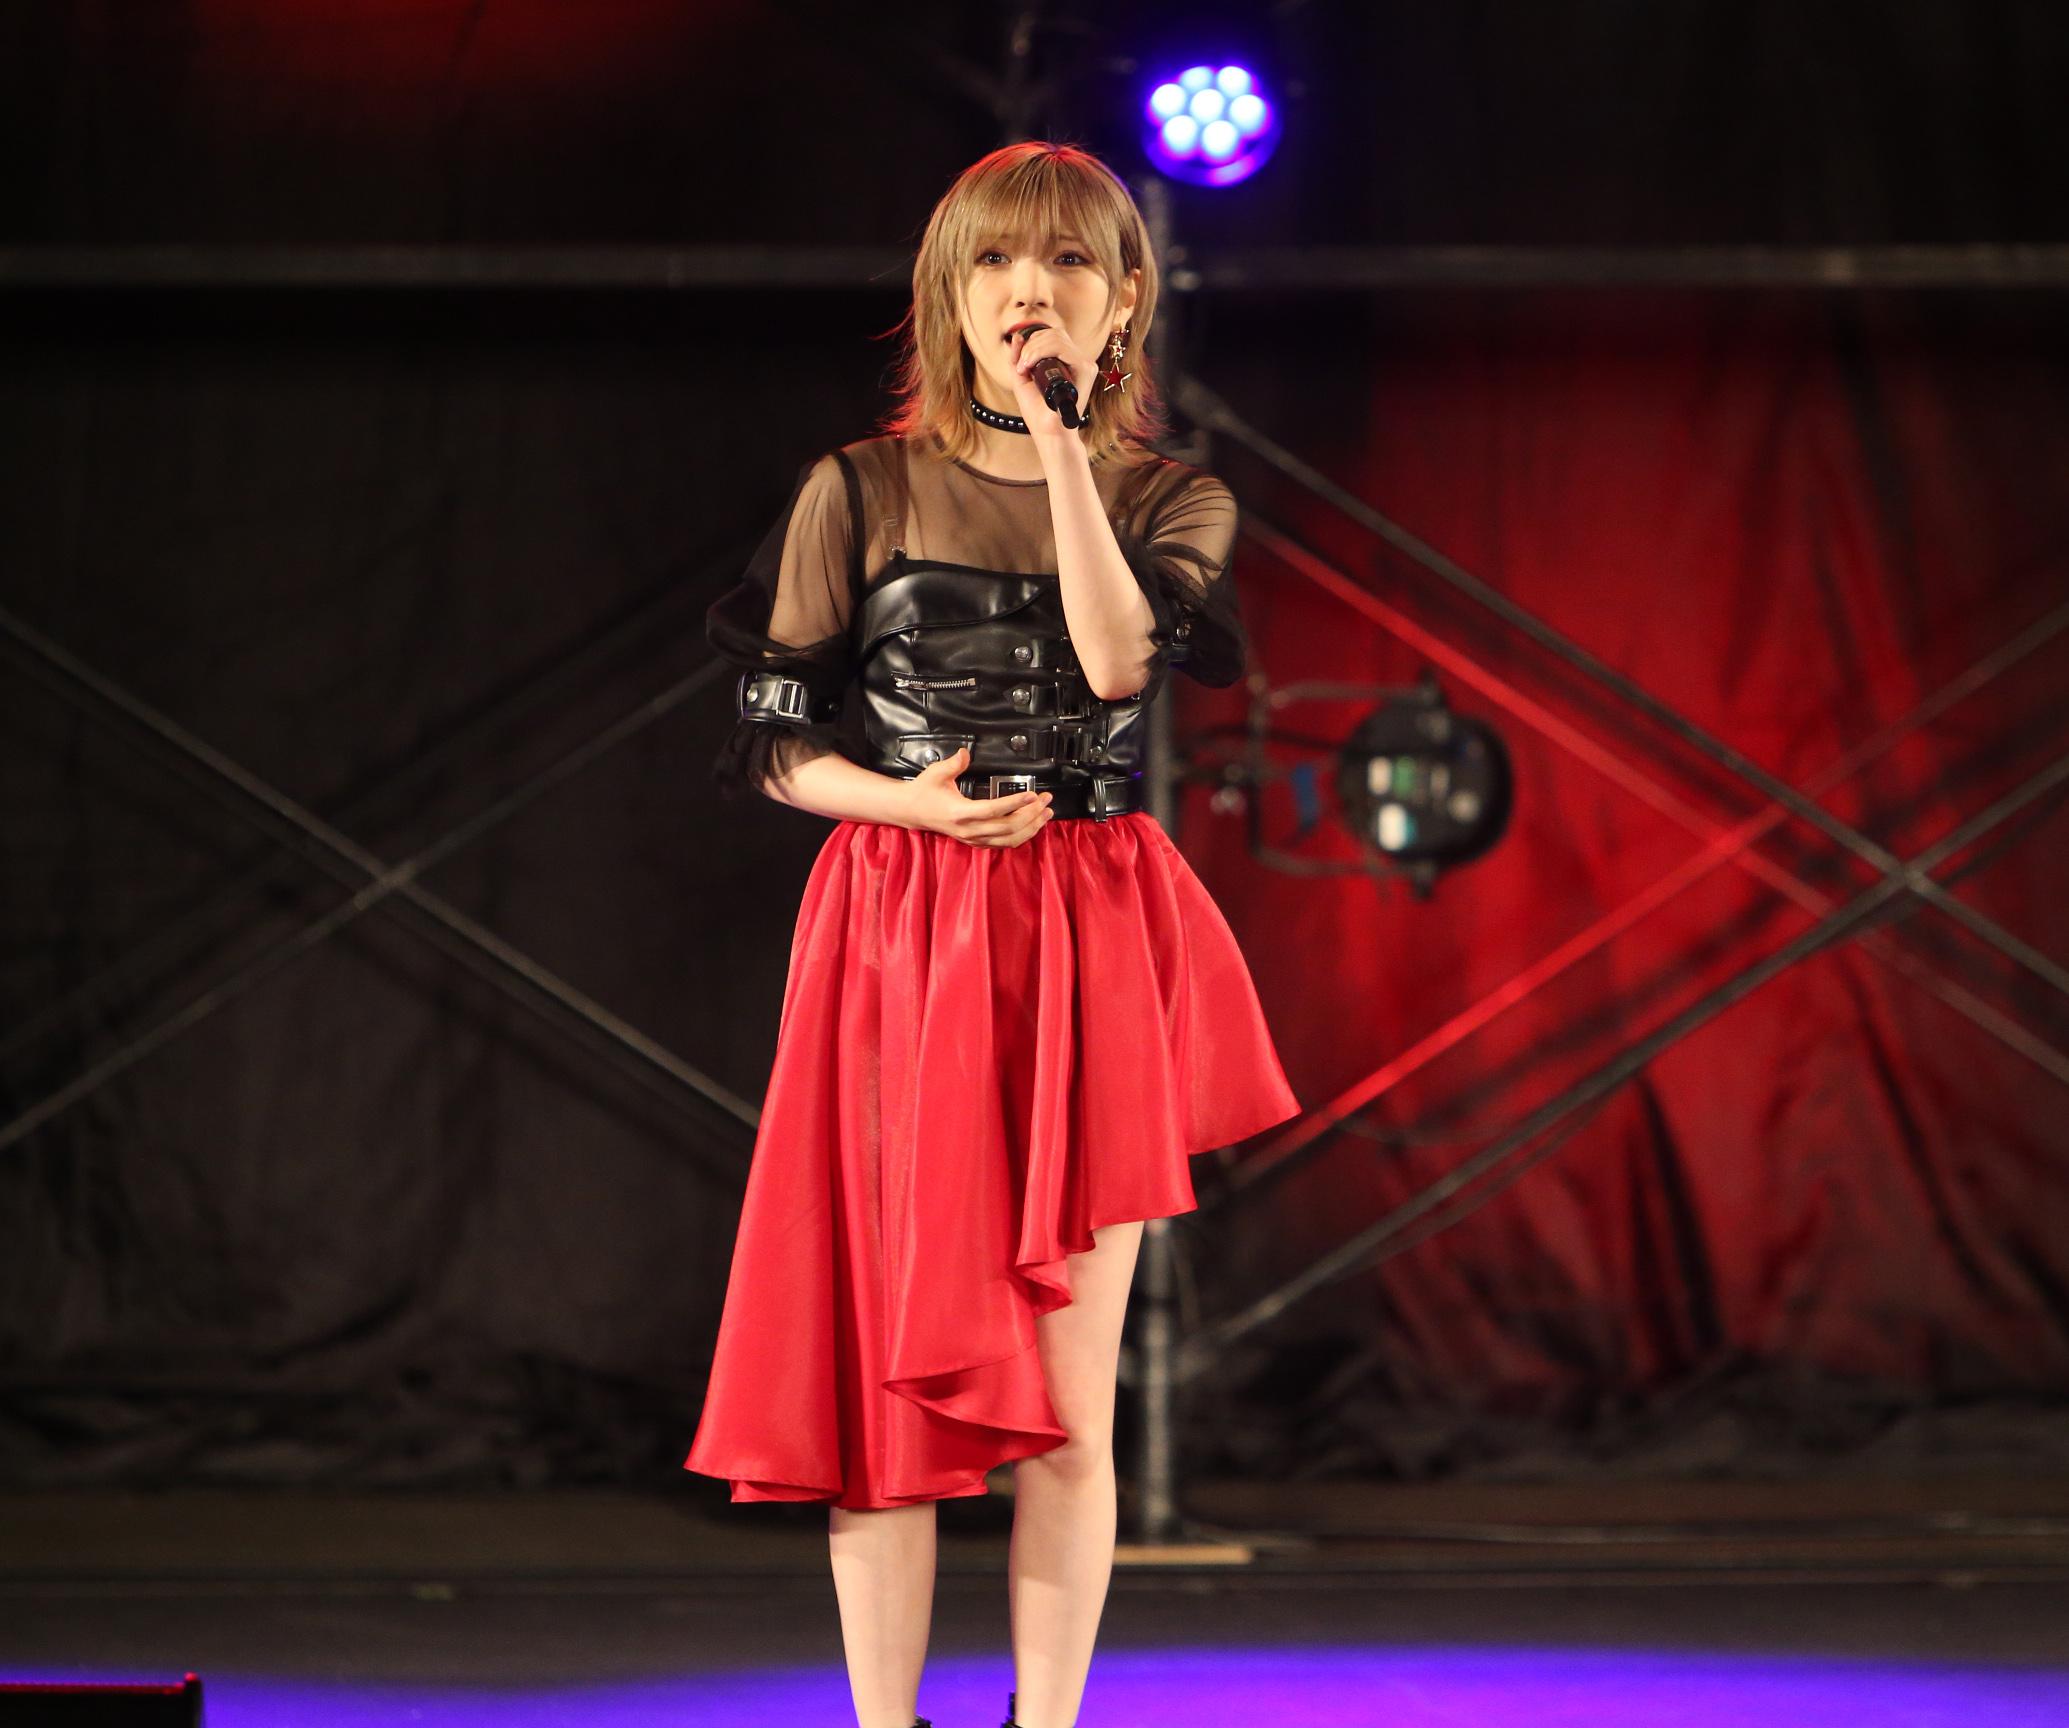 岡田奈々 10月18日ライブ (C) AKB48